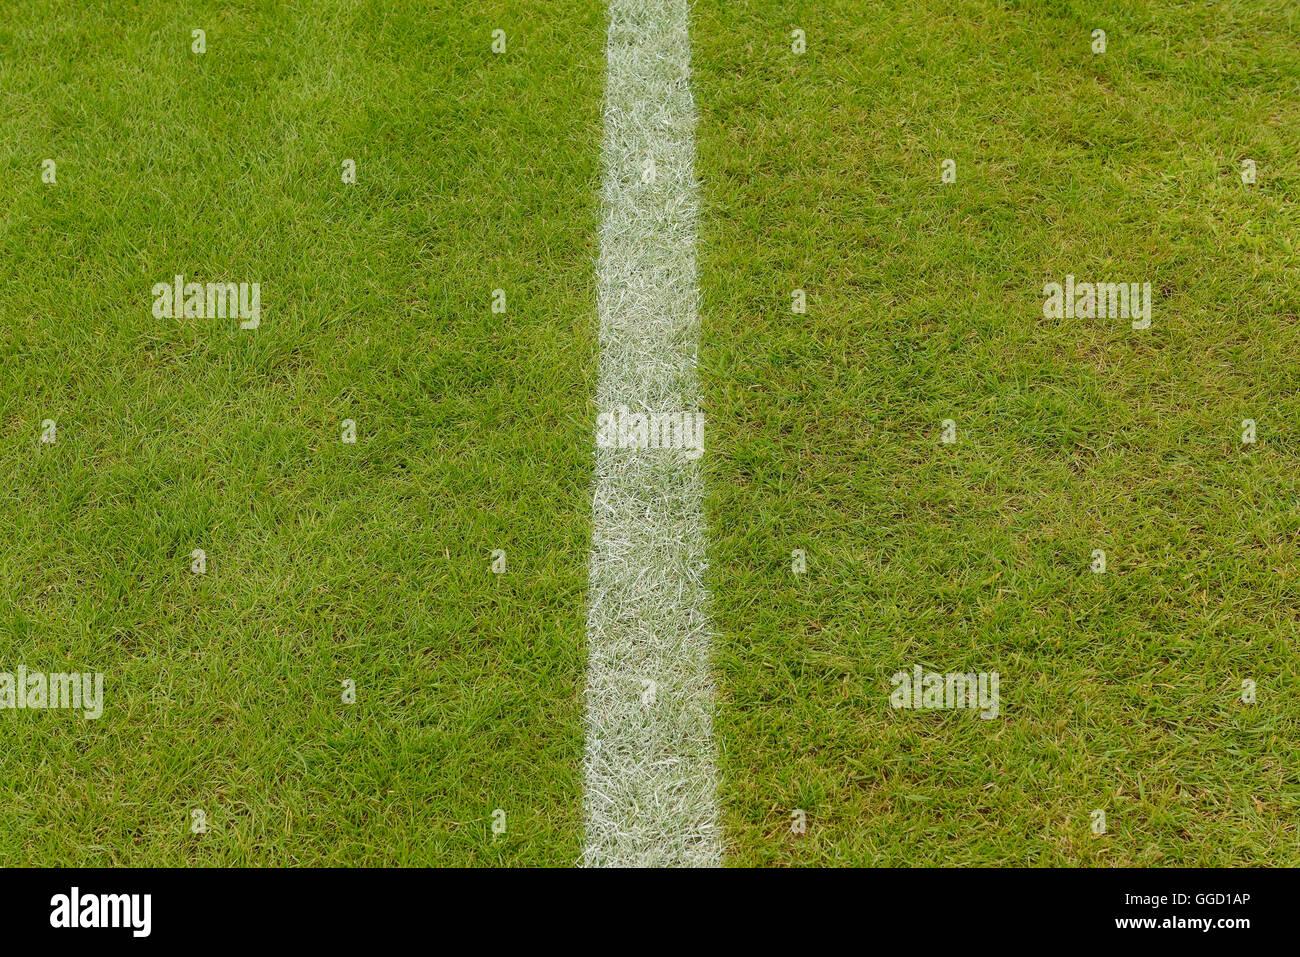 Hierba en un campo de deportes con una línea pintada en blanco Imagen De Stock